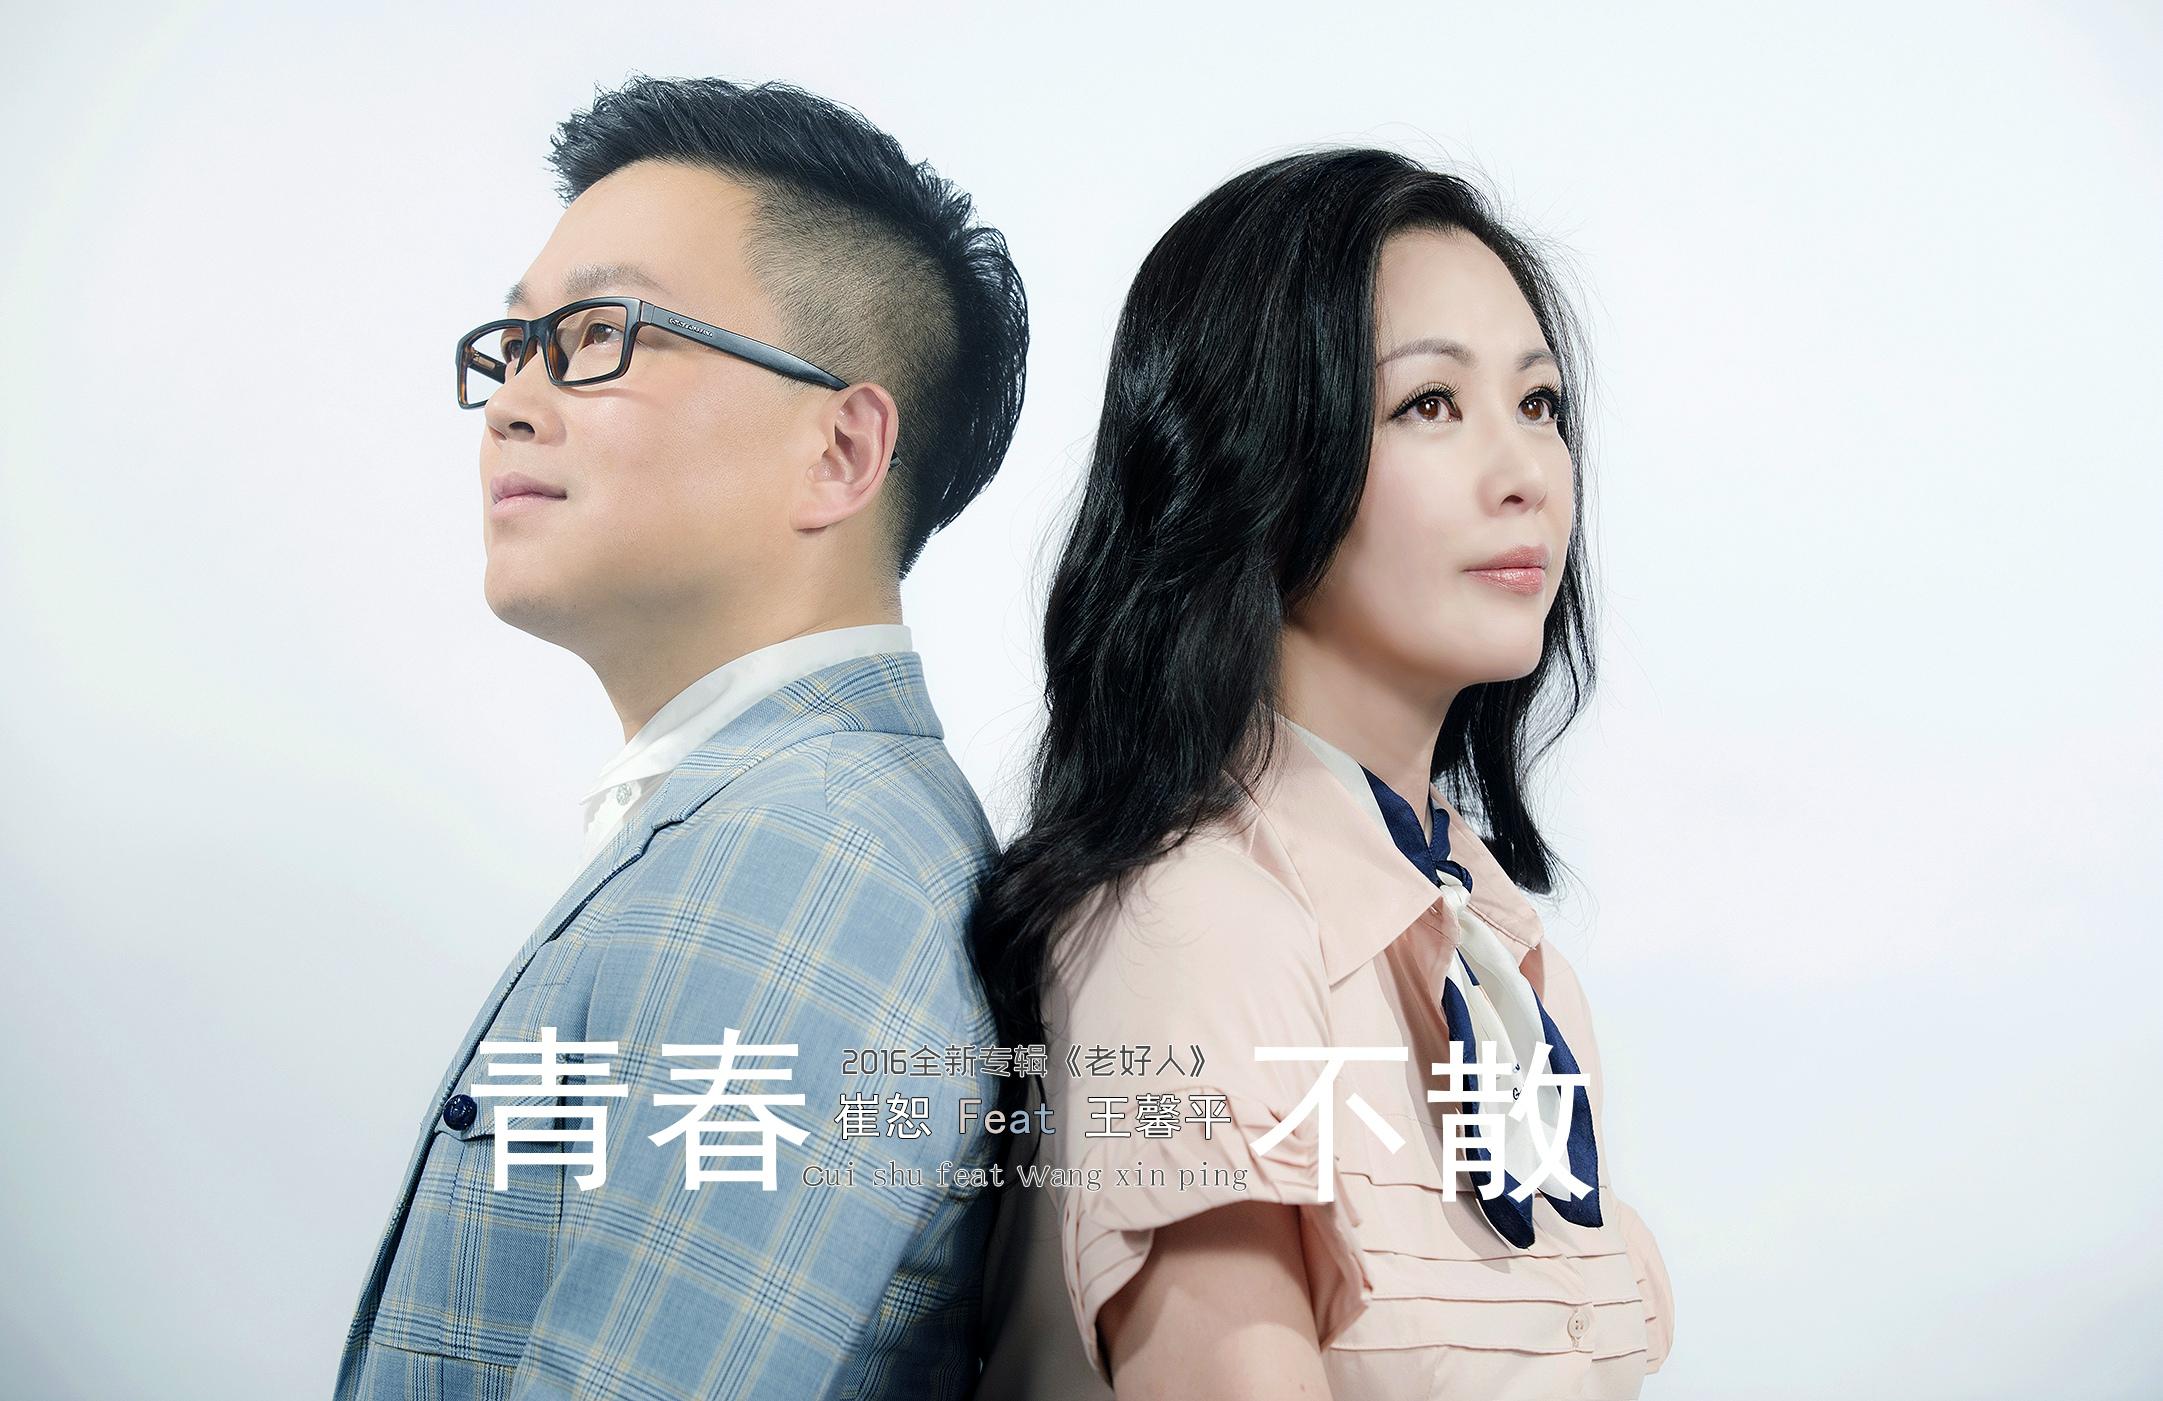 崔恕+王馨平-青春不散